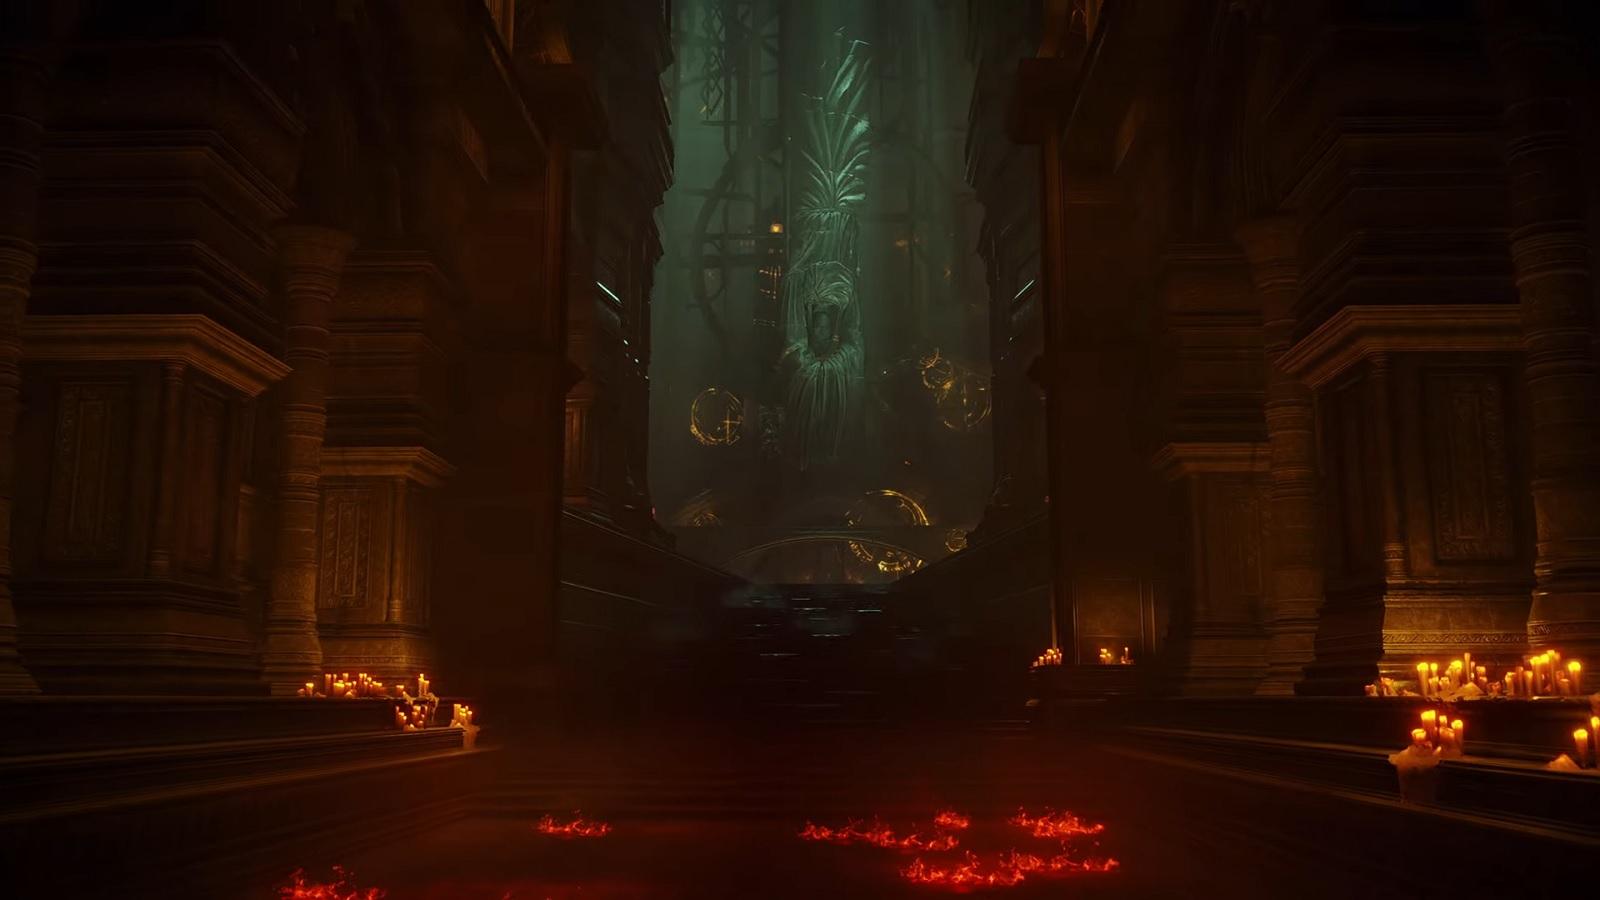 Слухи: авторы ремейка Demon's Souls не станут восстанавливать потерянную локацию